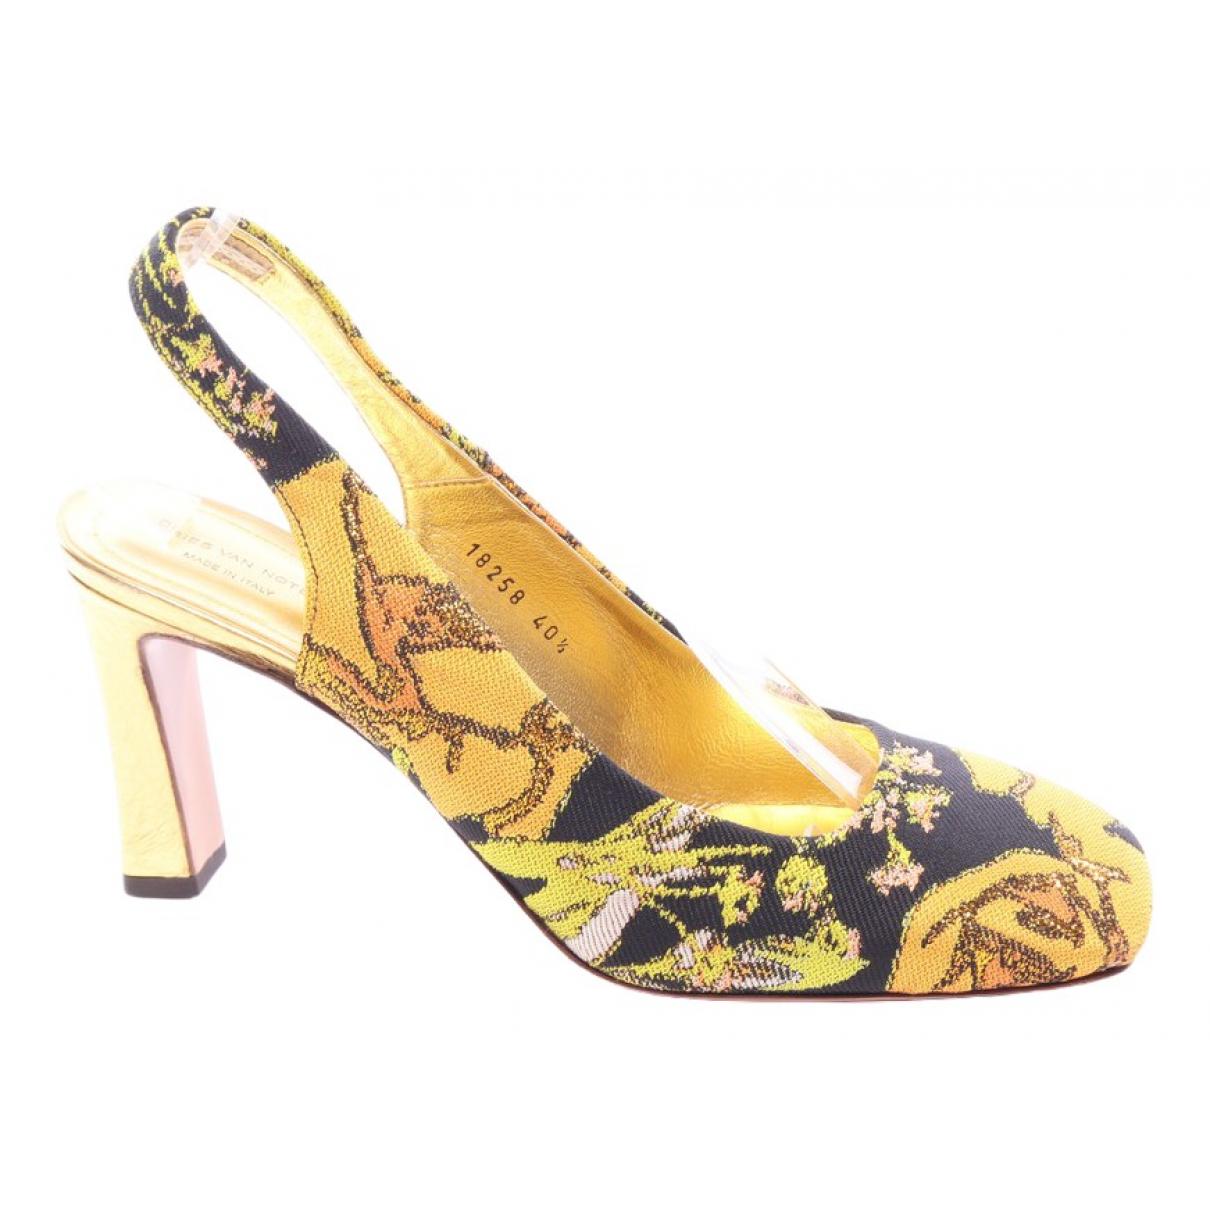 Dries Van Noten - Escarpins   pour femme en cuir - multicolore